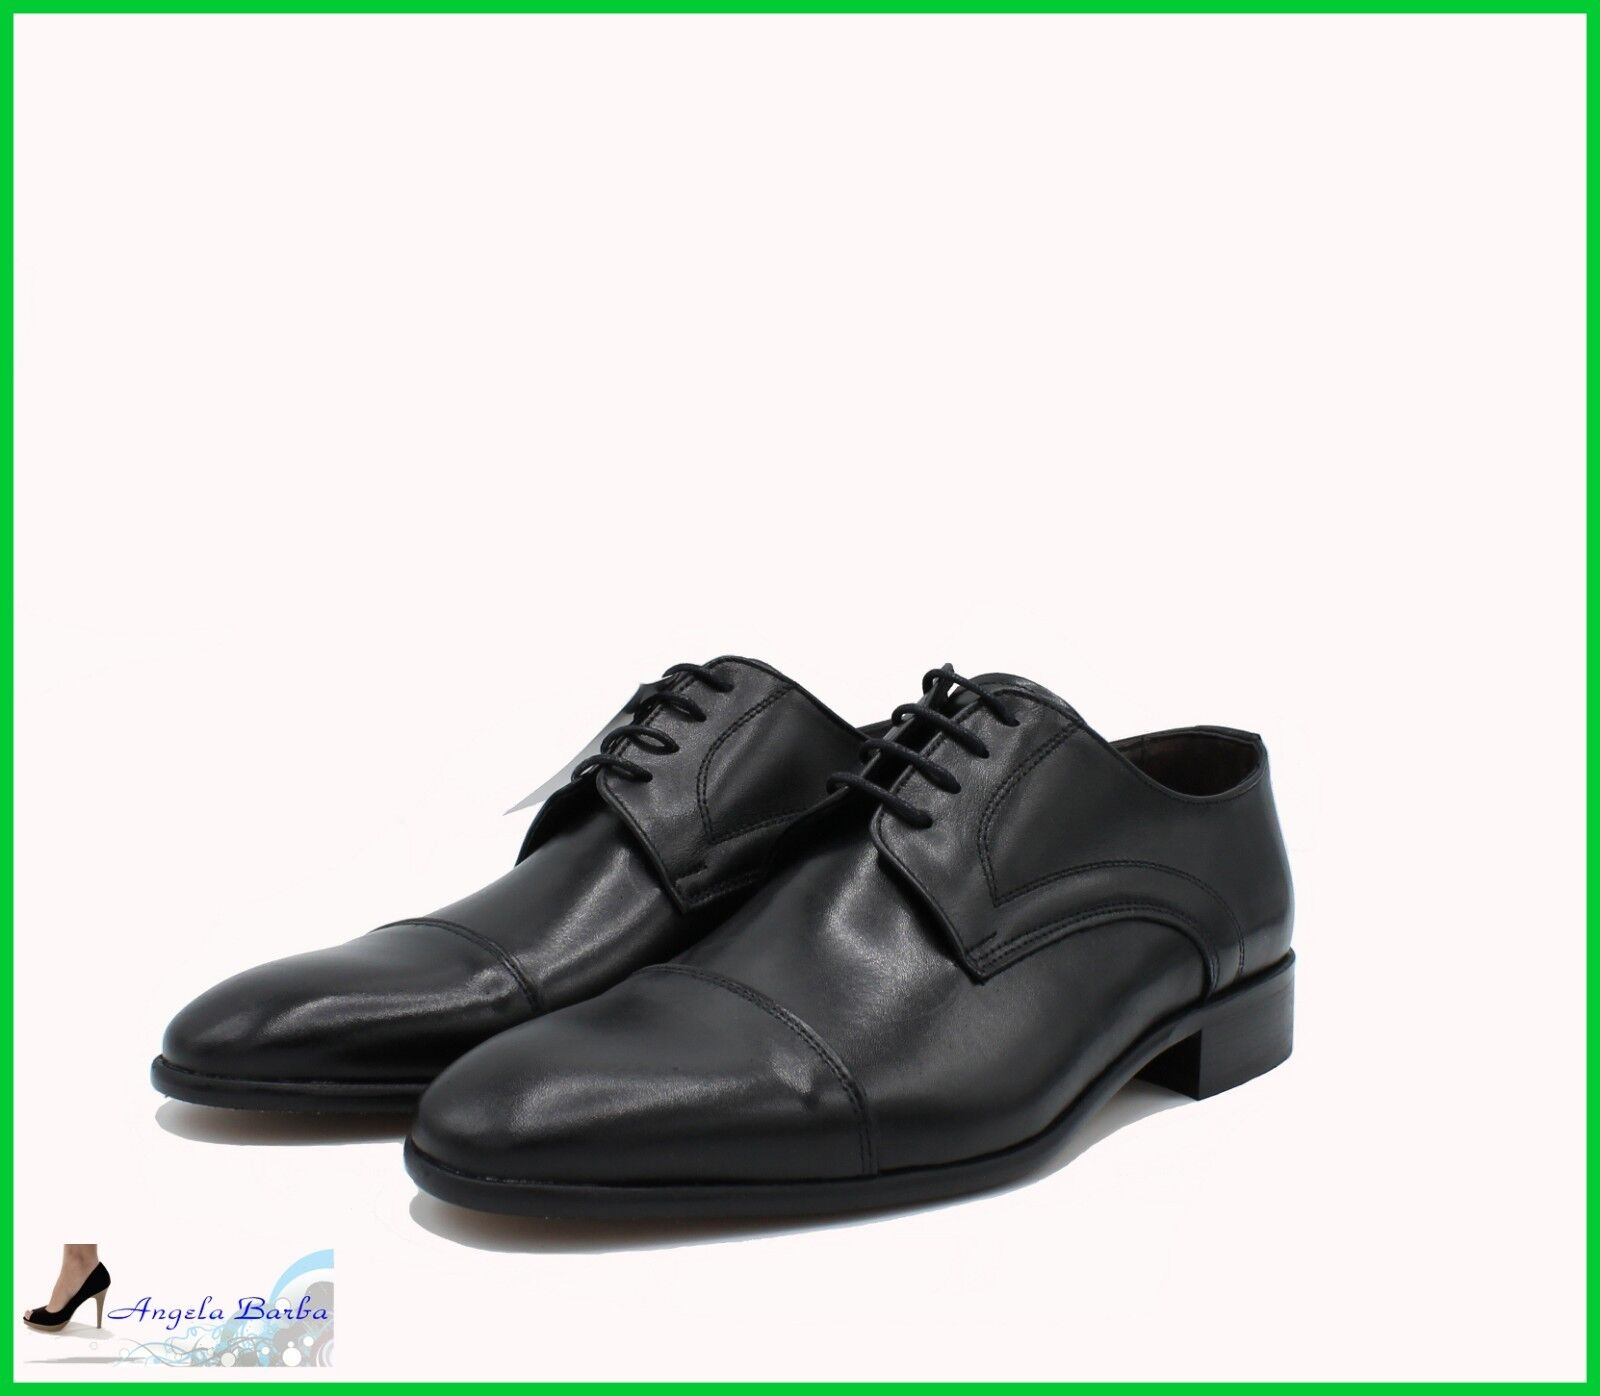 negozio fa acquisti e vendite Scarpe Scarpe Scarpe da Uomo Classiche in Pelle Eleganti per Cerimonia Made In  con Lacci  sconto